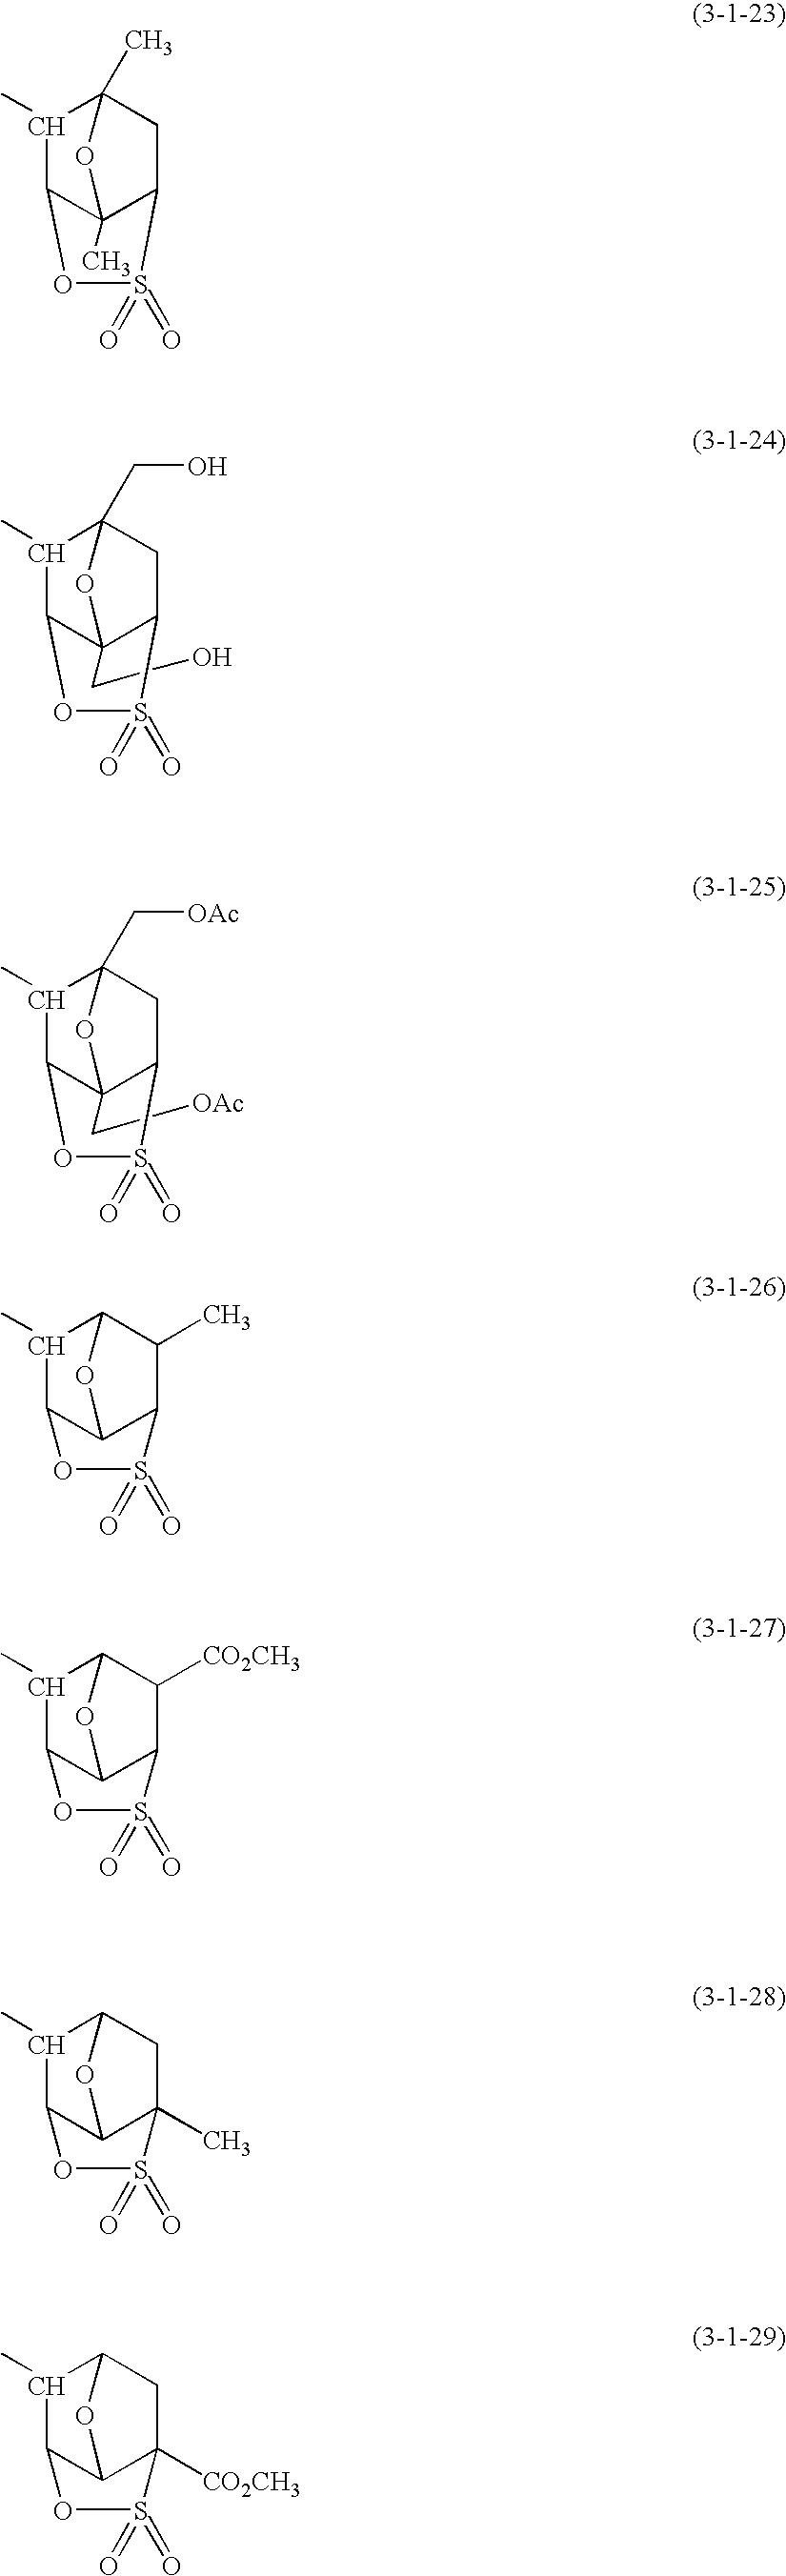 Figure US20100196821A1-20100805-C00010